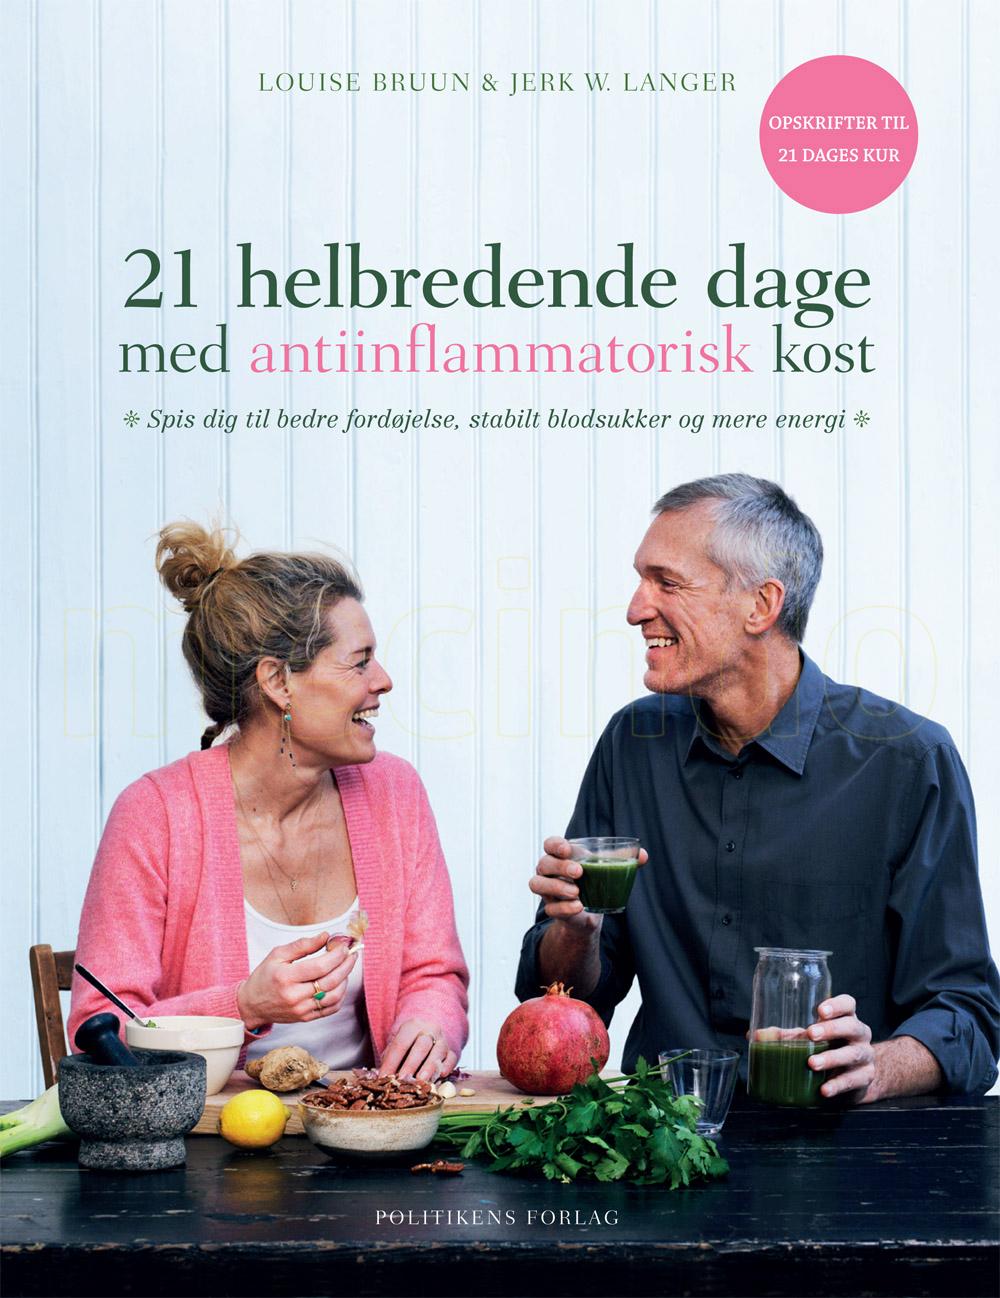 JP/Politikens Forlag 21 helbredende dage med antiinflammatorisk kost BOG Forf. Bruun & Langer - 1 stk